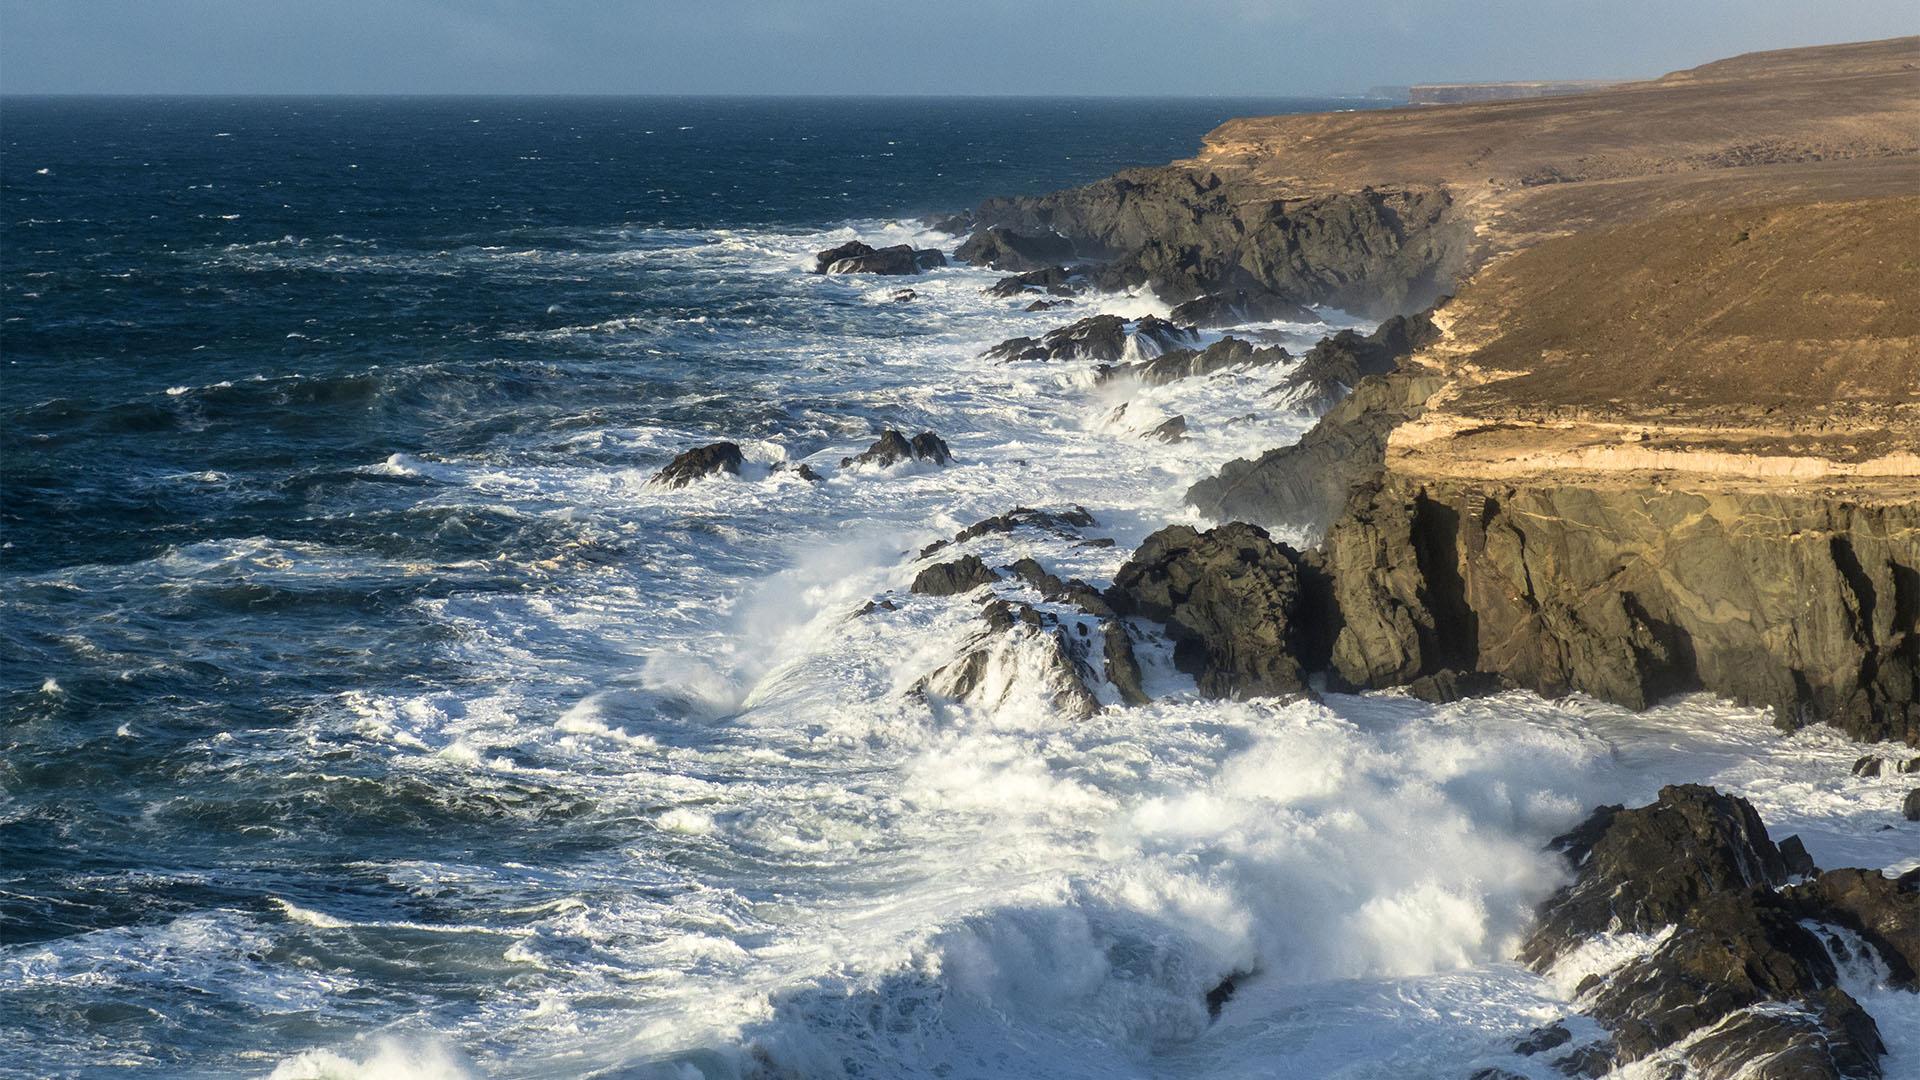 Die Strände Fuerteventuras: Playa y Barranco de los Mozos Tablero del Golfete